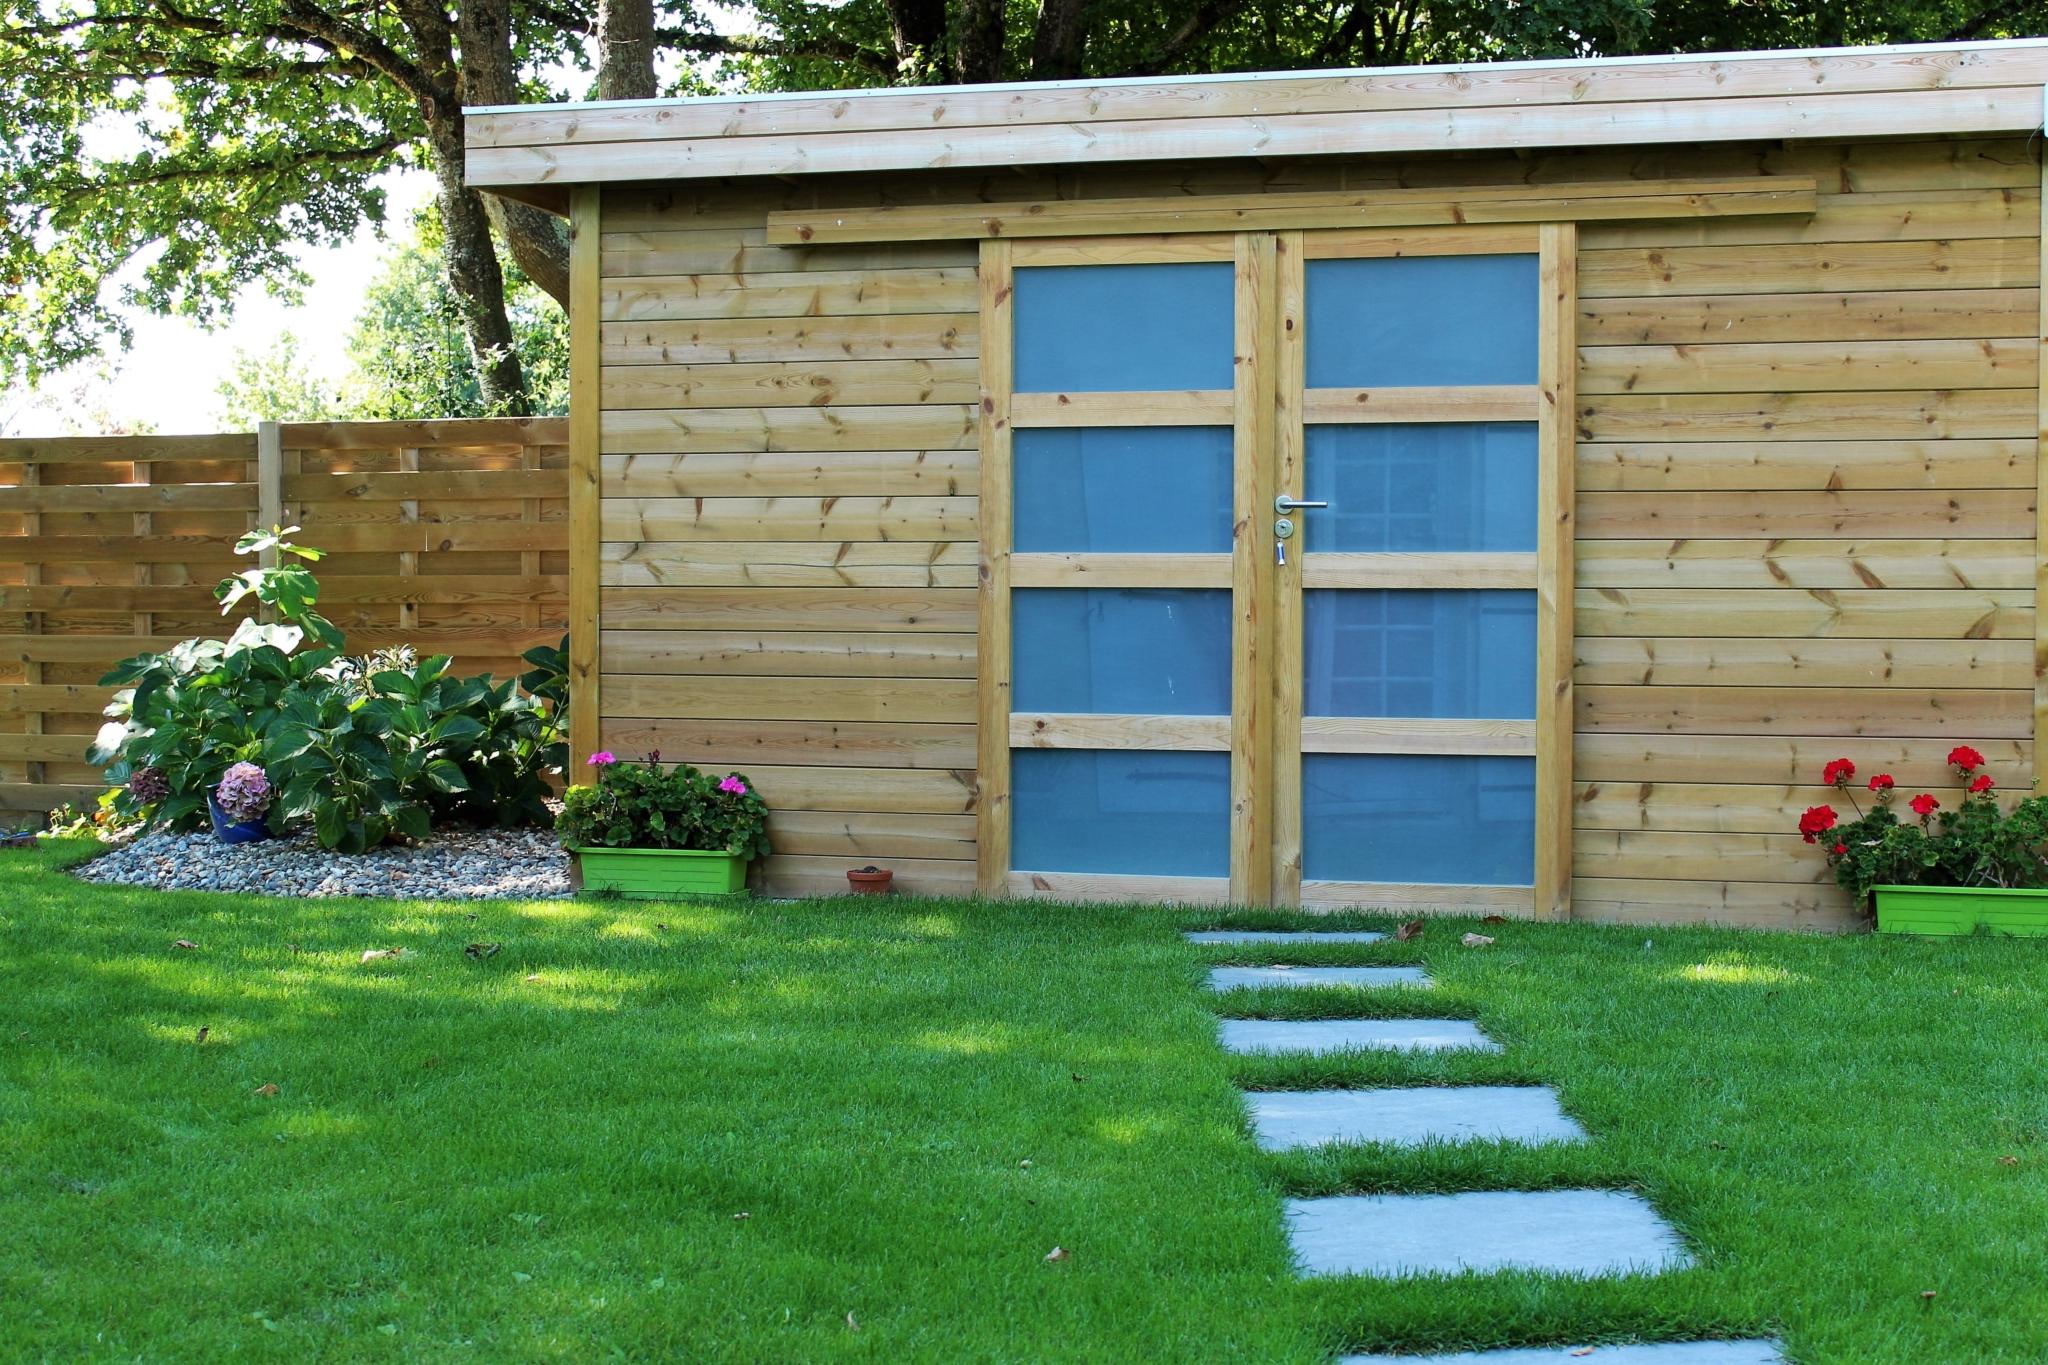 abri de jardin bois marmin vendee · Marmin paysage